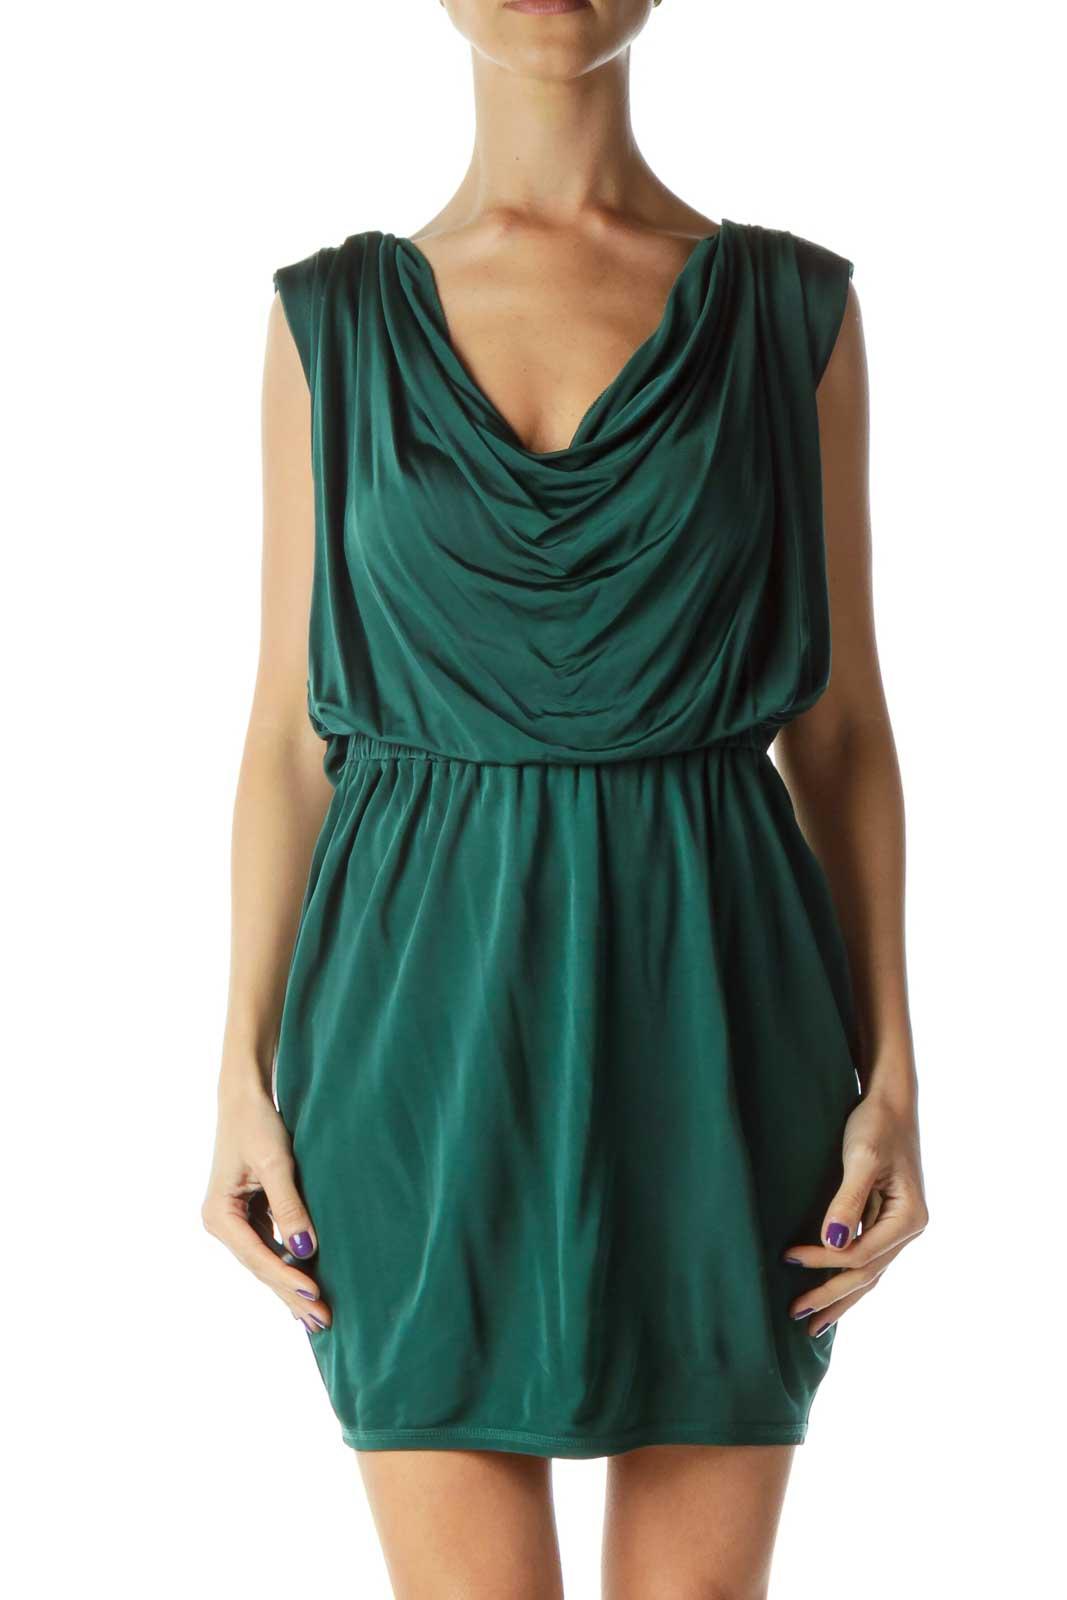 Green Round Neck Scrunch Detail Dress